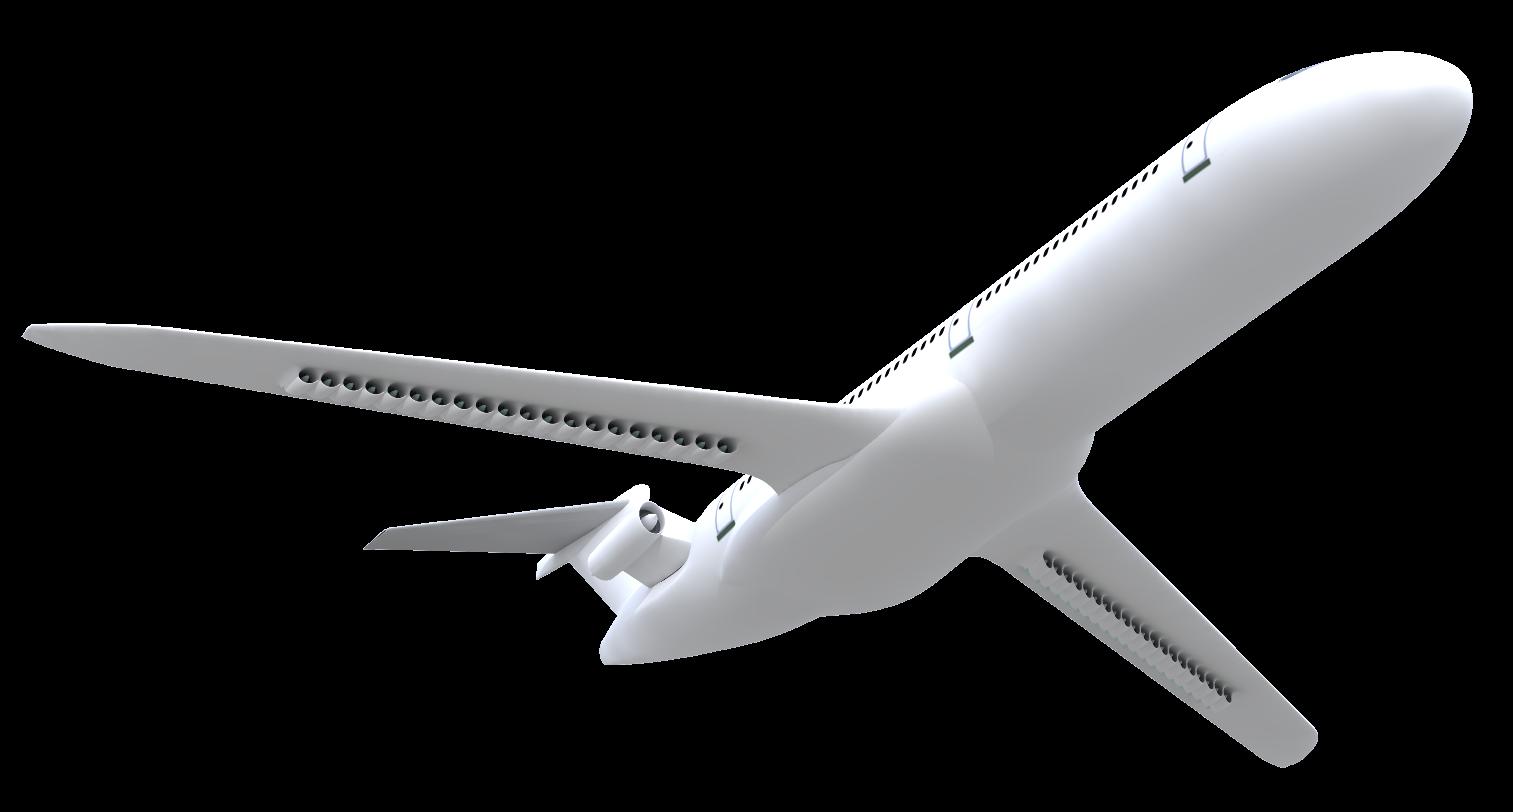 Bourget 2019 : L'Onera dévoile Dragon, concept d'avion de ligne à propulsion distribuée